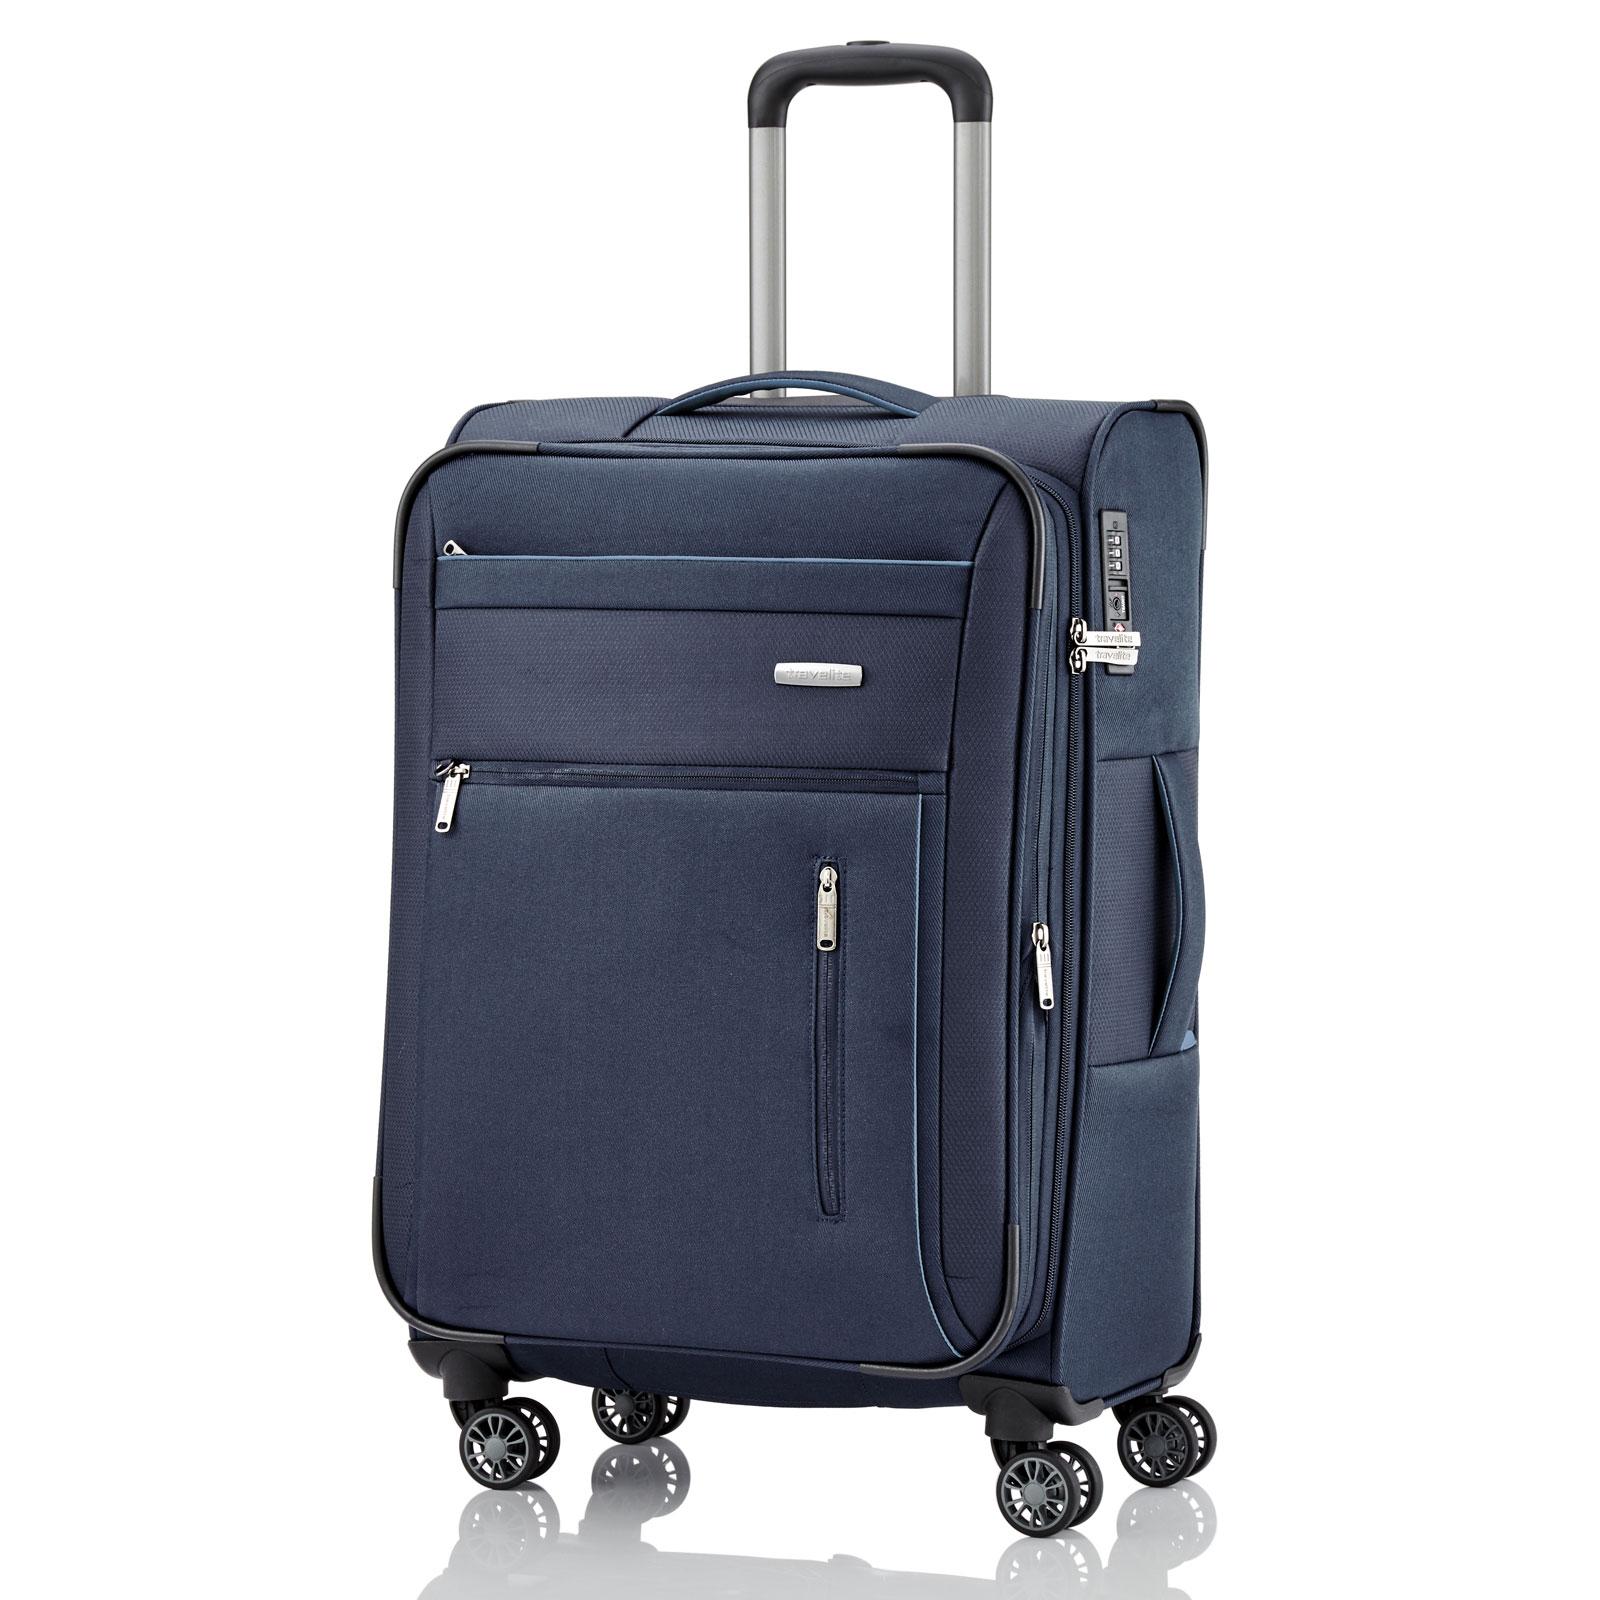 travelite capri trolley 66 cm 4 rollen erweiterbar g nstig kaufen koffermarkt. Black Bedroom Furniture Sets. Home Design Ideas